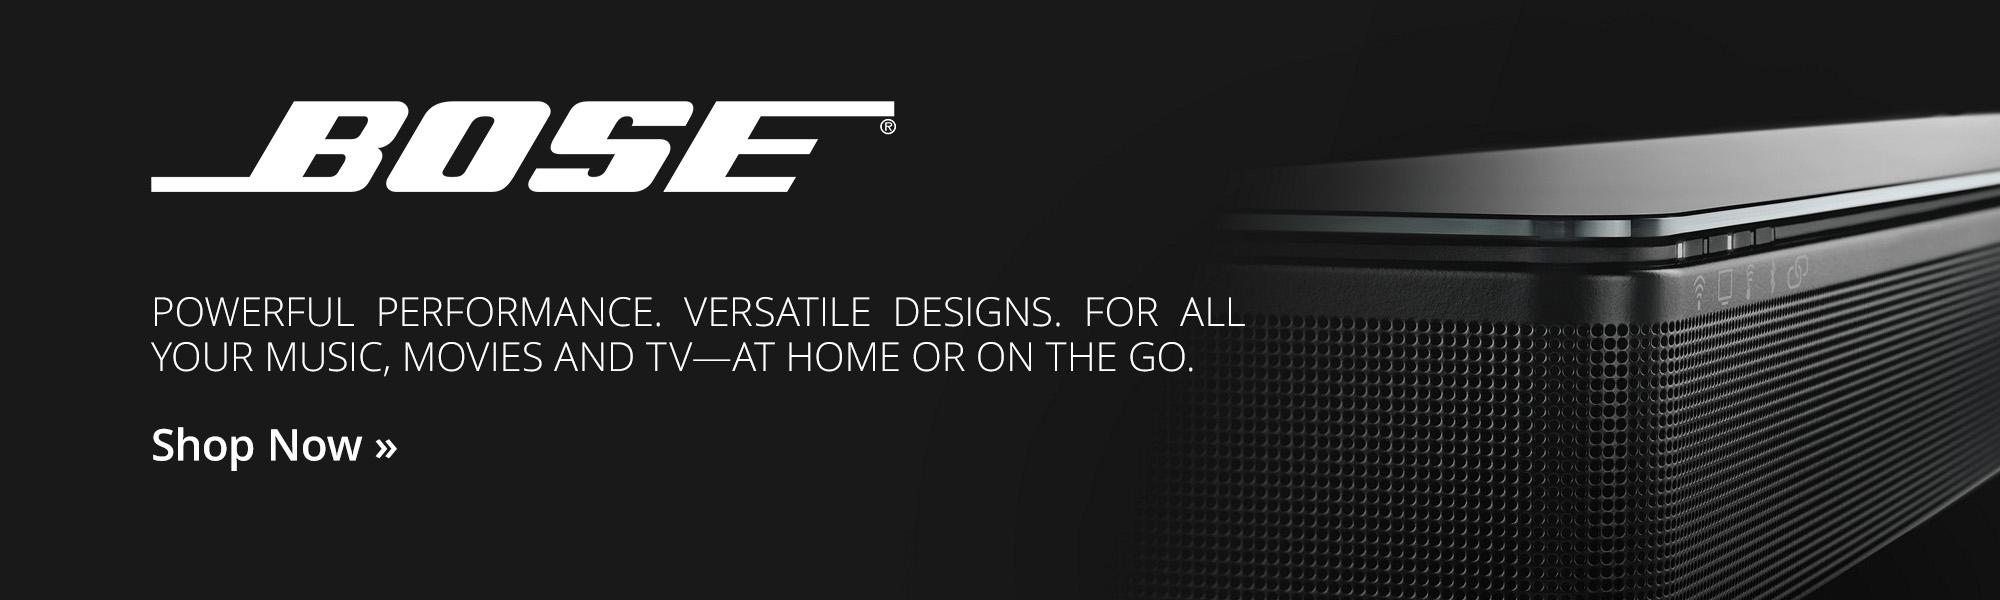 Bose Electronics